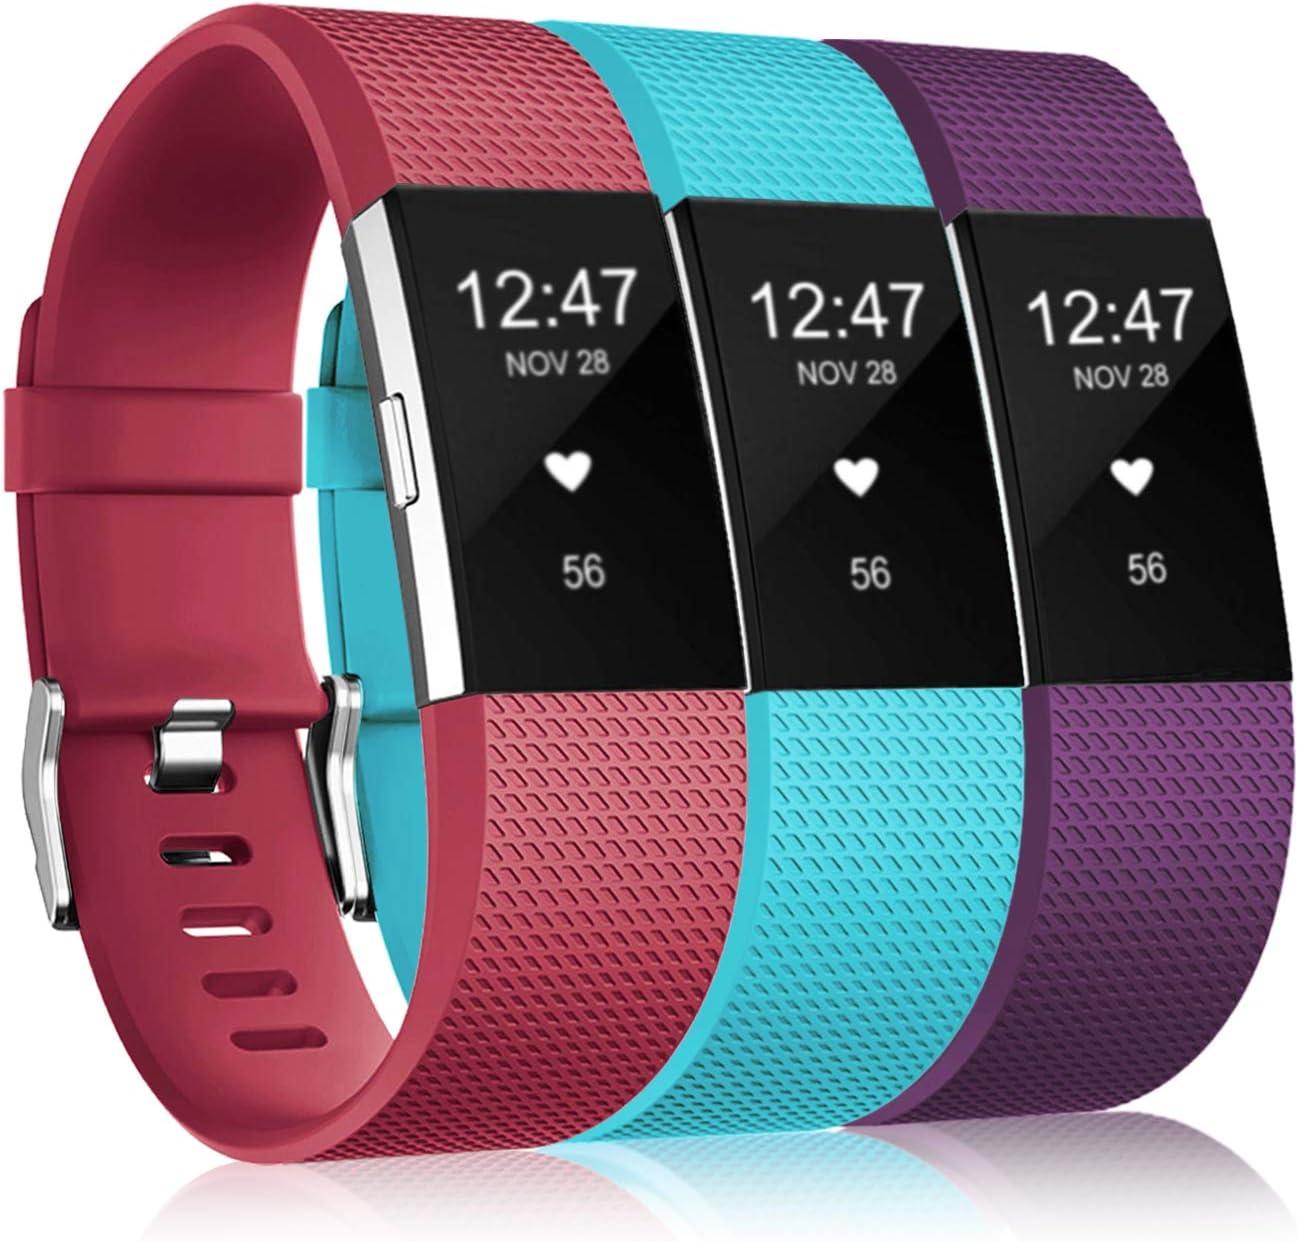 Mallas De Reloj Fitbit Charge 2 (3 Unidades) (Talle L)